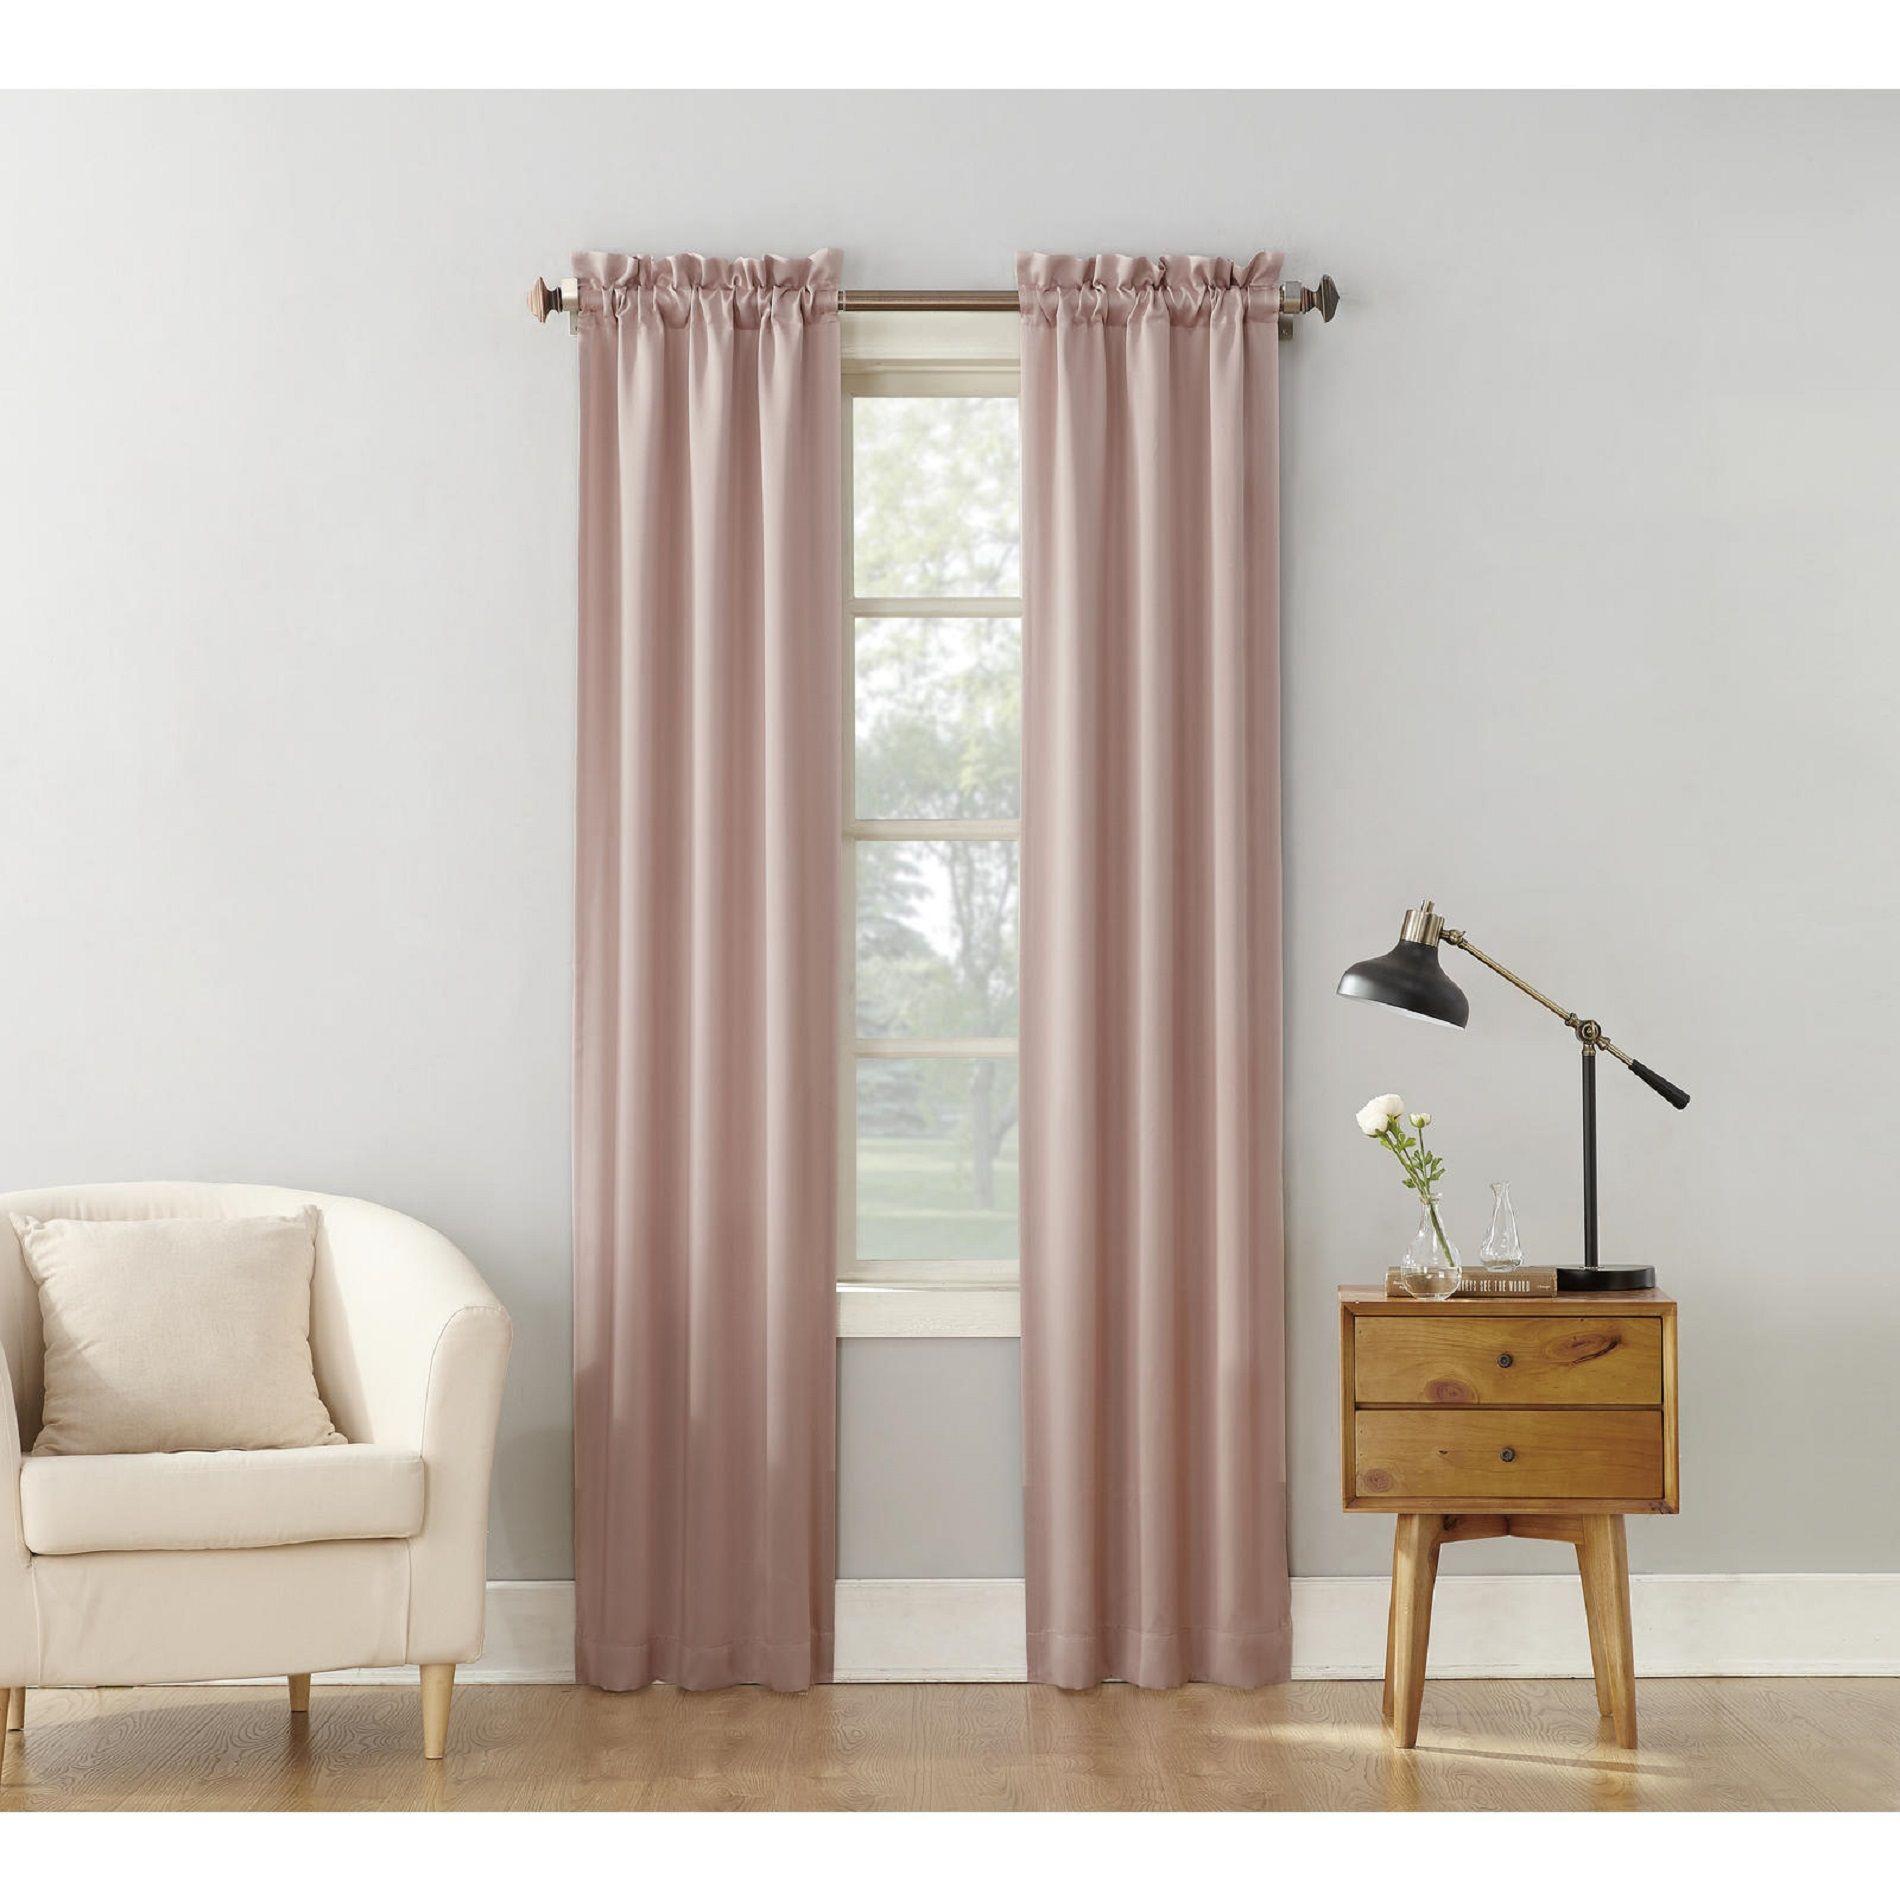 Sears Online Royal Blue Bedrooms Window Panels Room